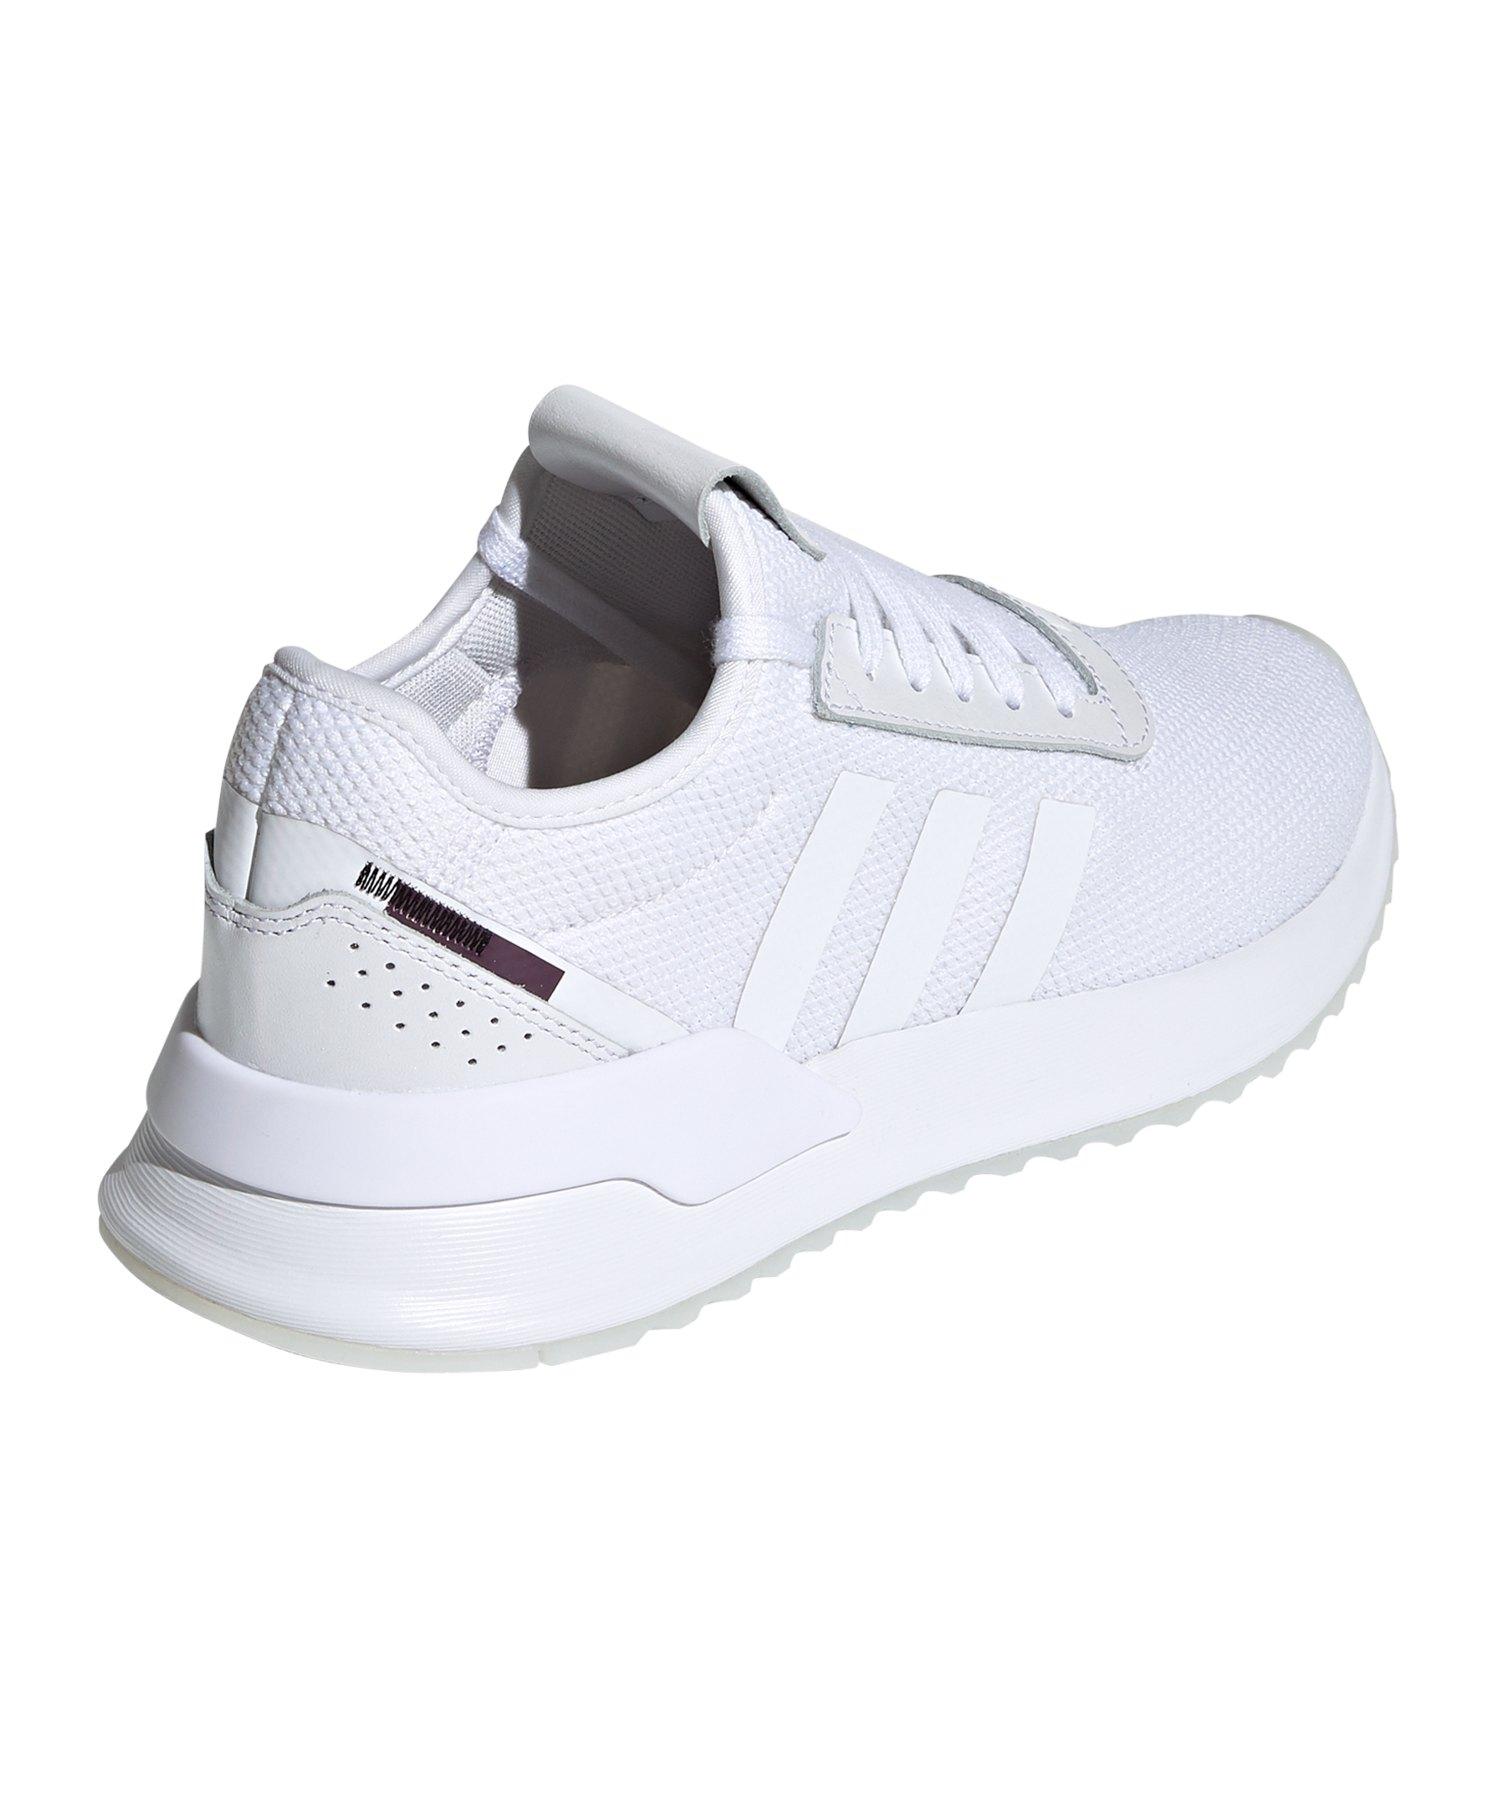 adidas Originals U_Path X Sneaker Damen Weiss